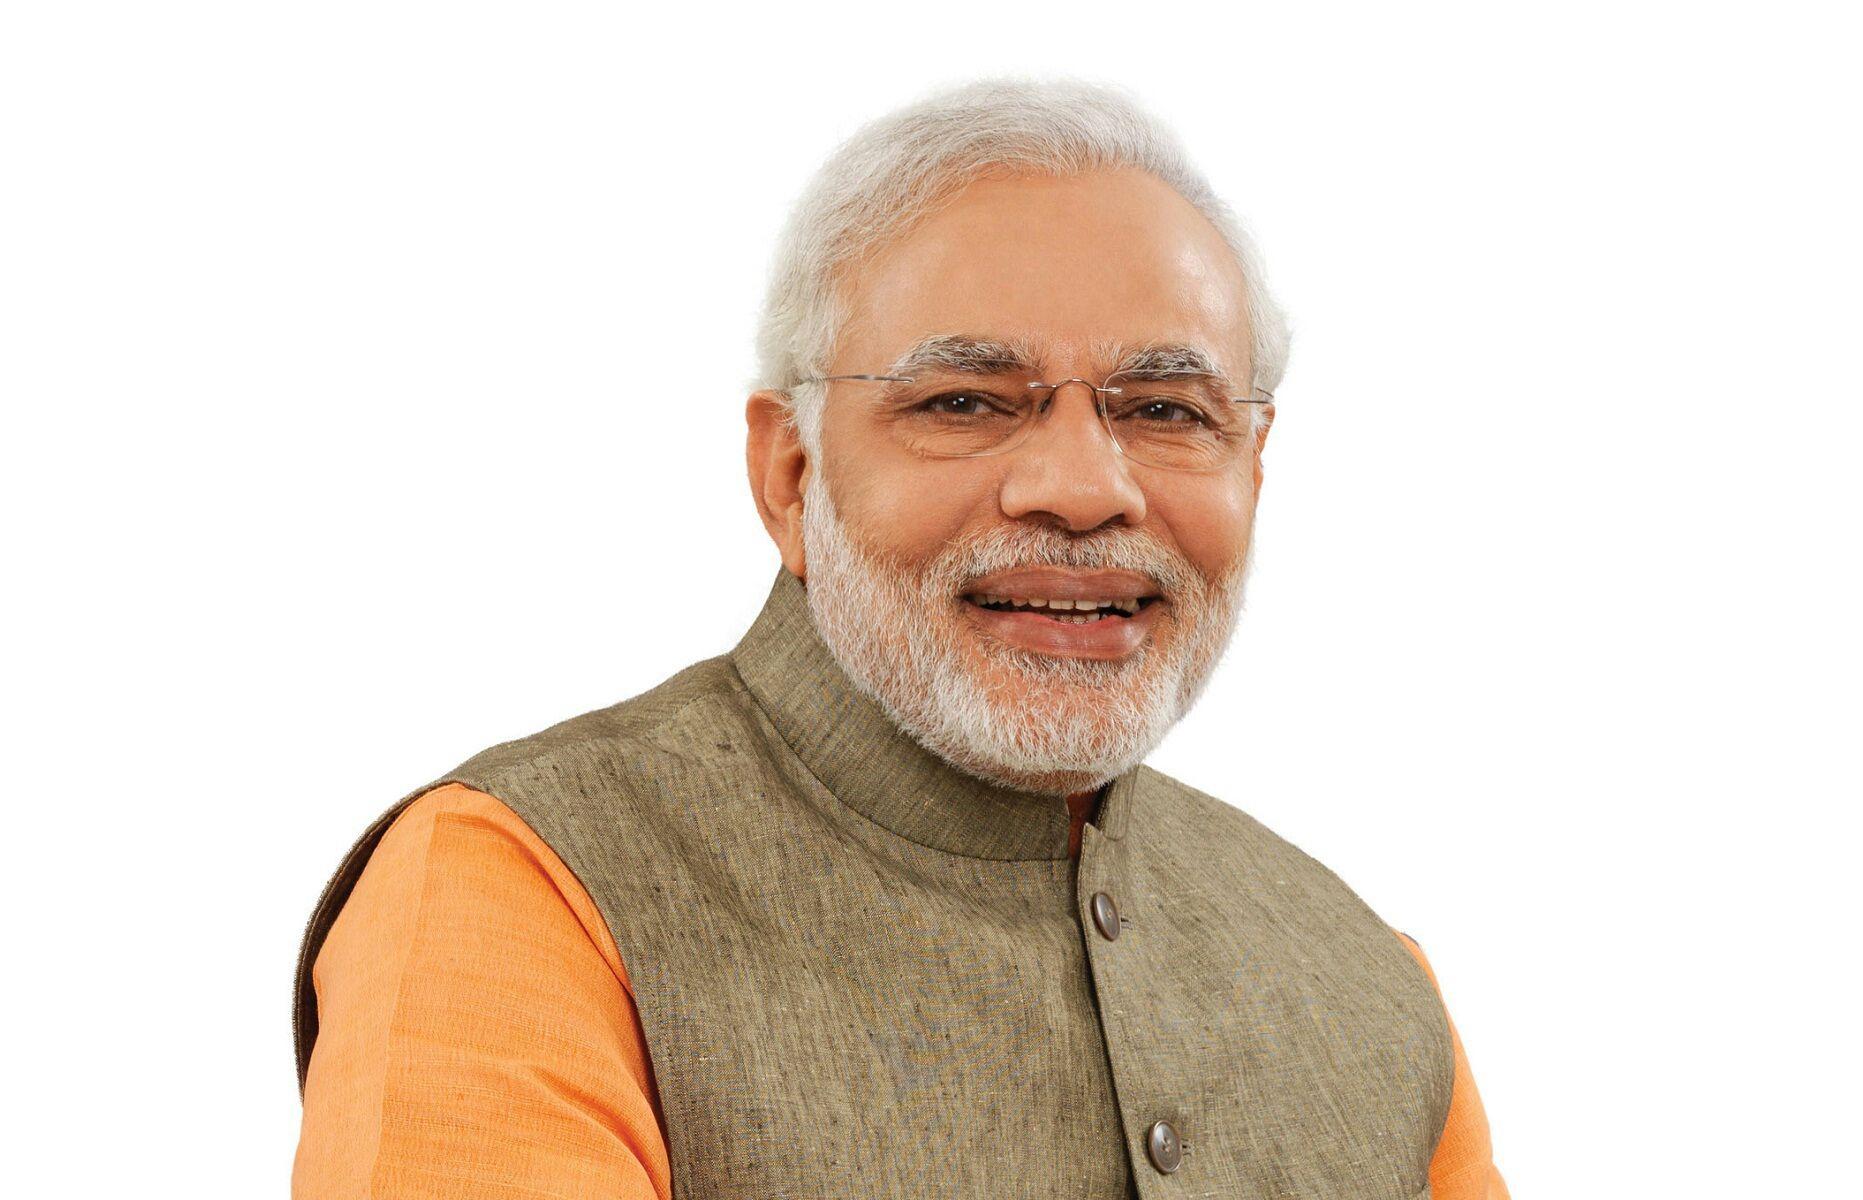 विश्व भारती विश्वविद्यालय New India के साथसाथ विश्व को